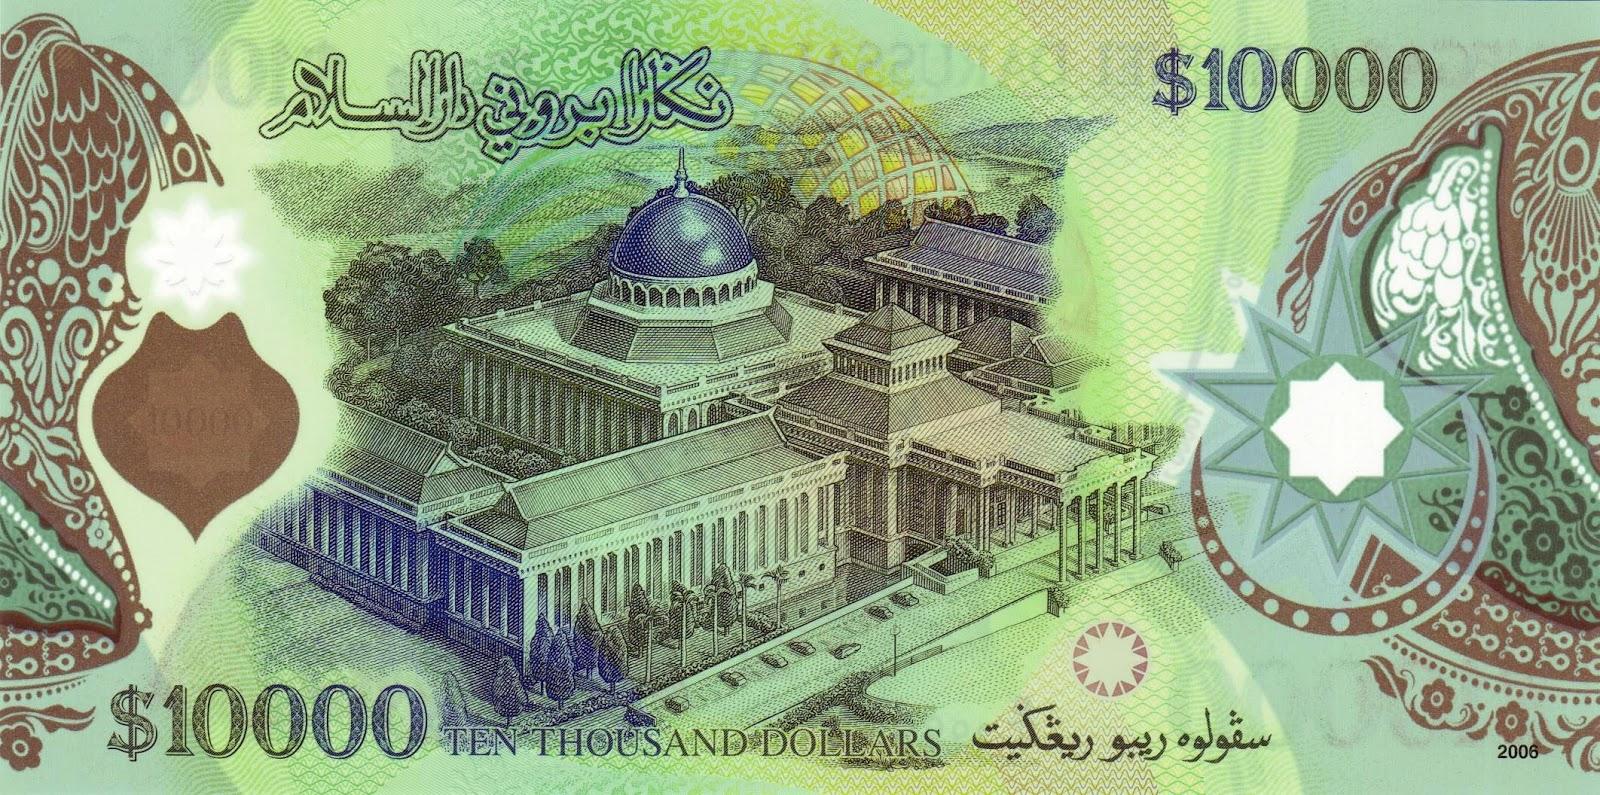 gegar 1090 Brunei Darussalam  Jiran kita